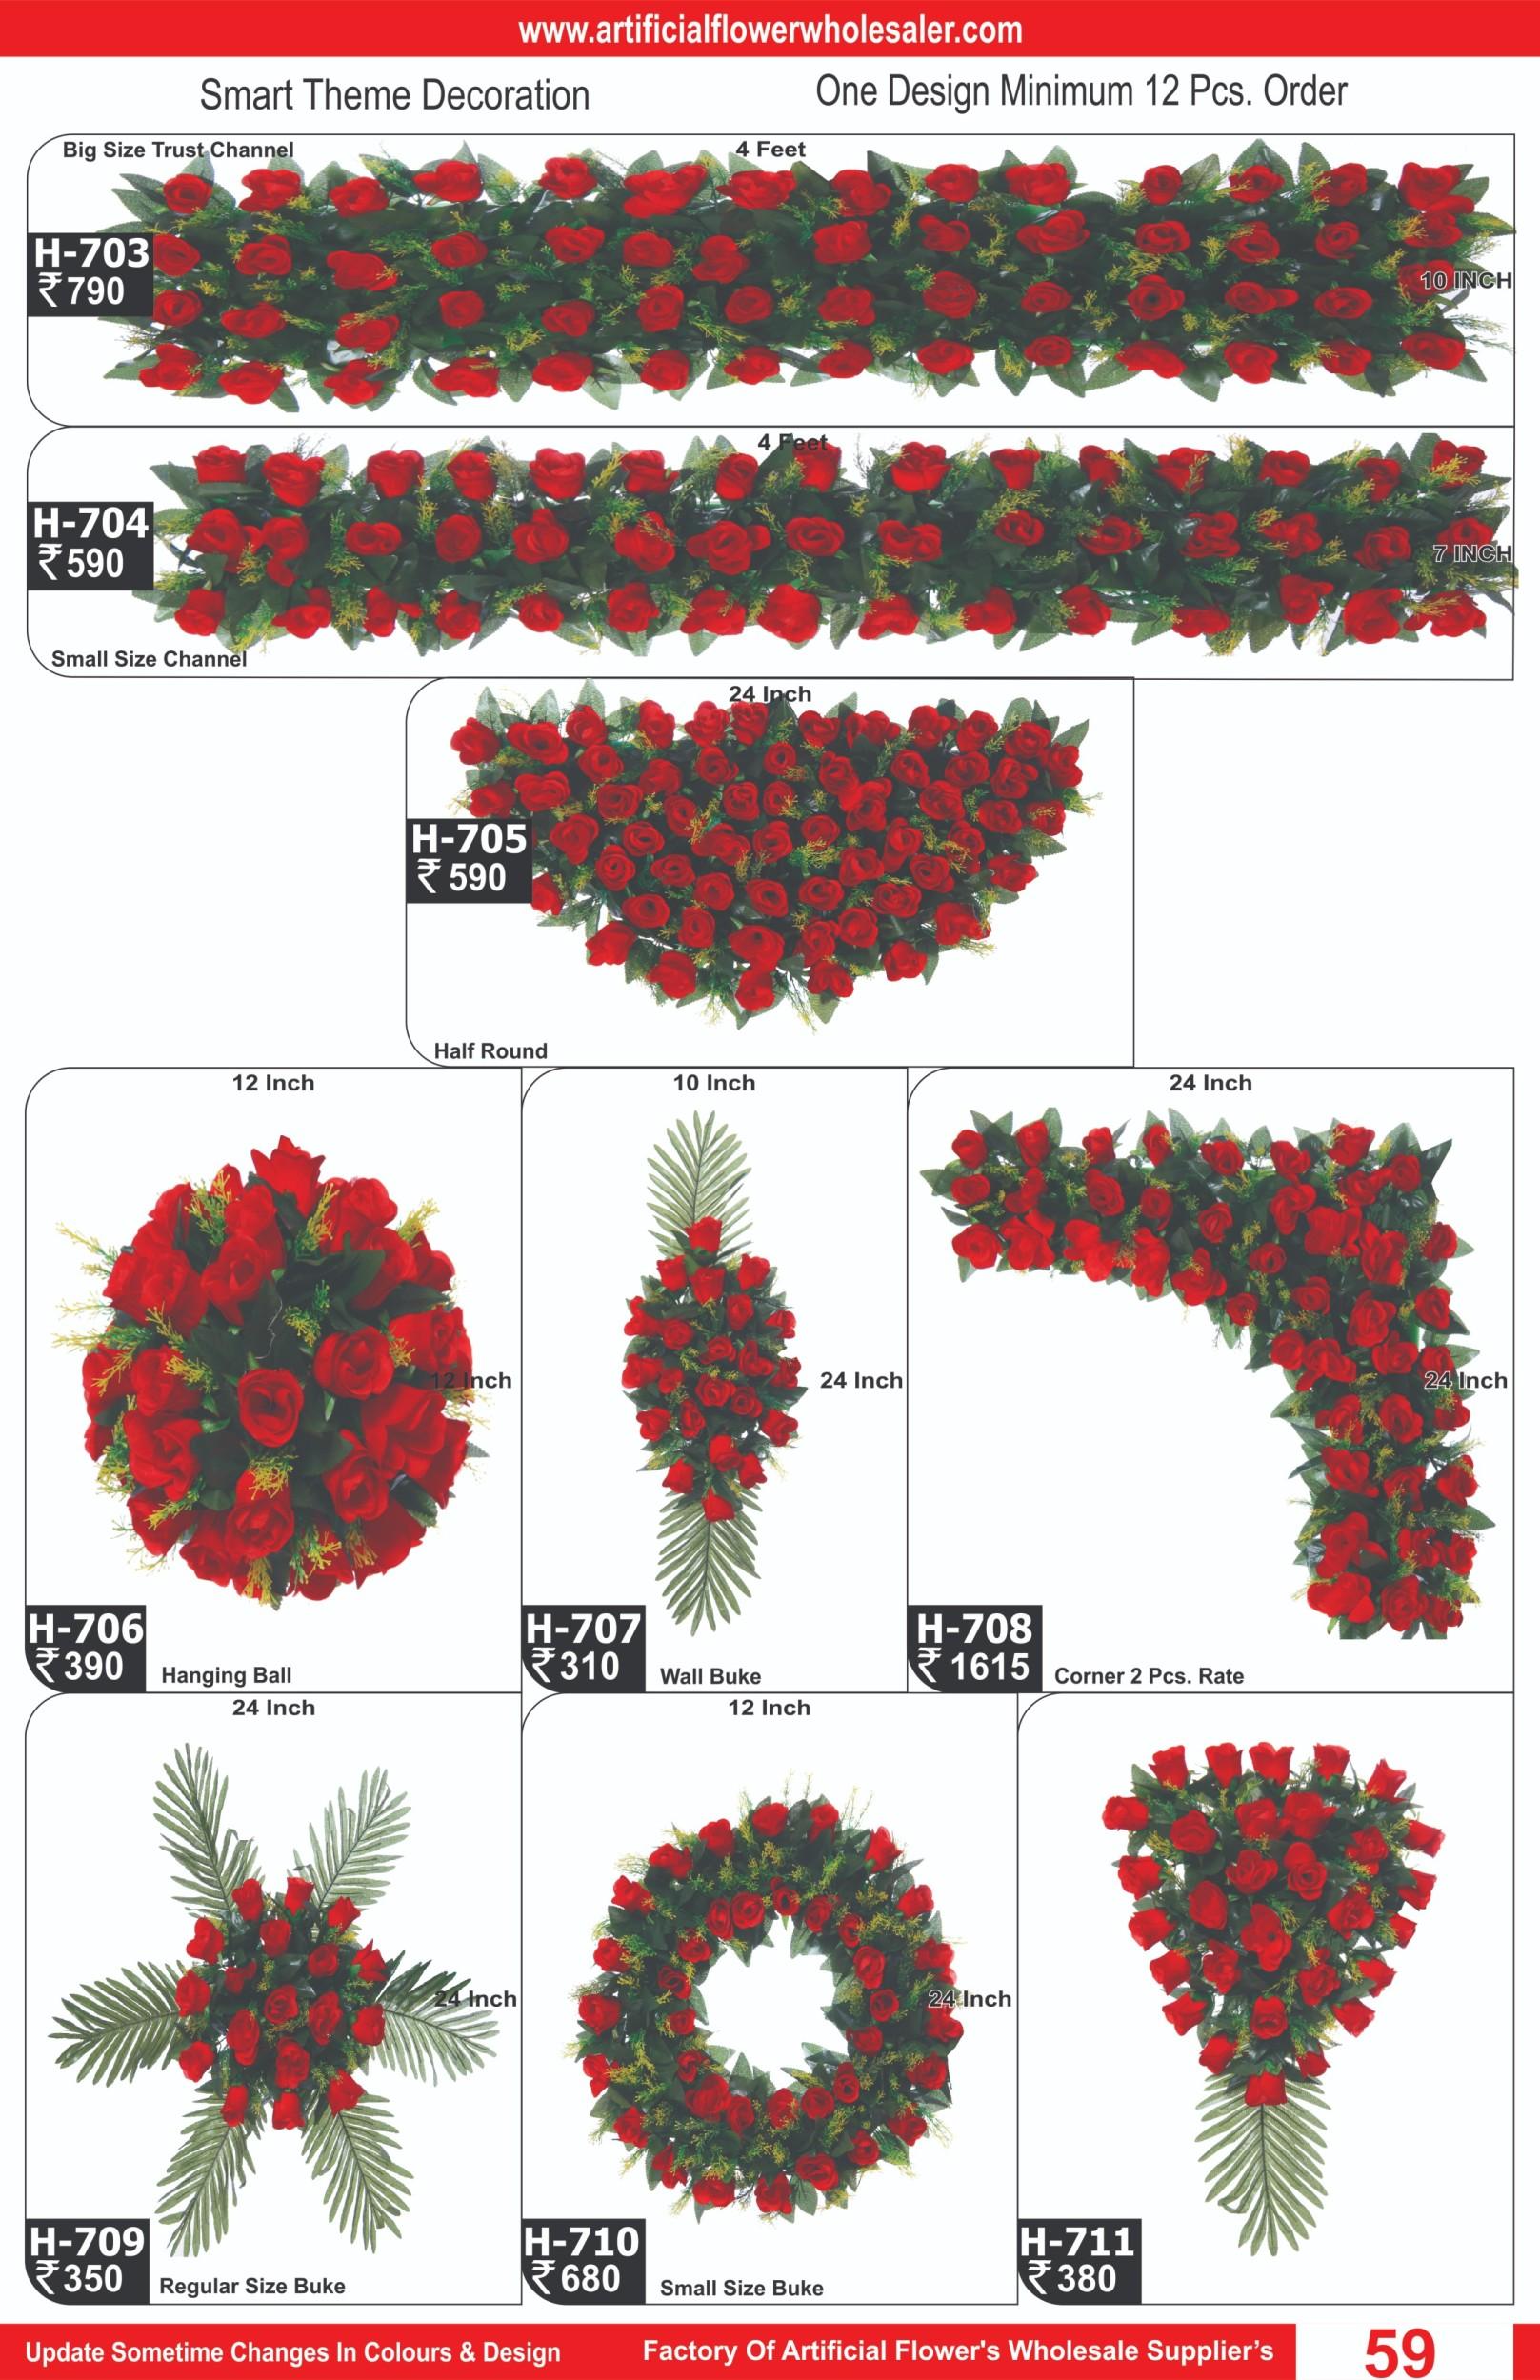 59-artificial-flower-wholesaler